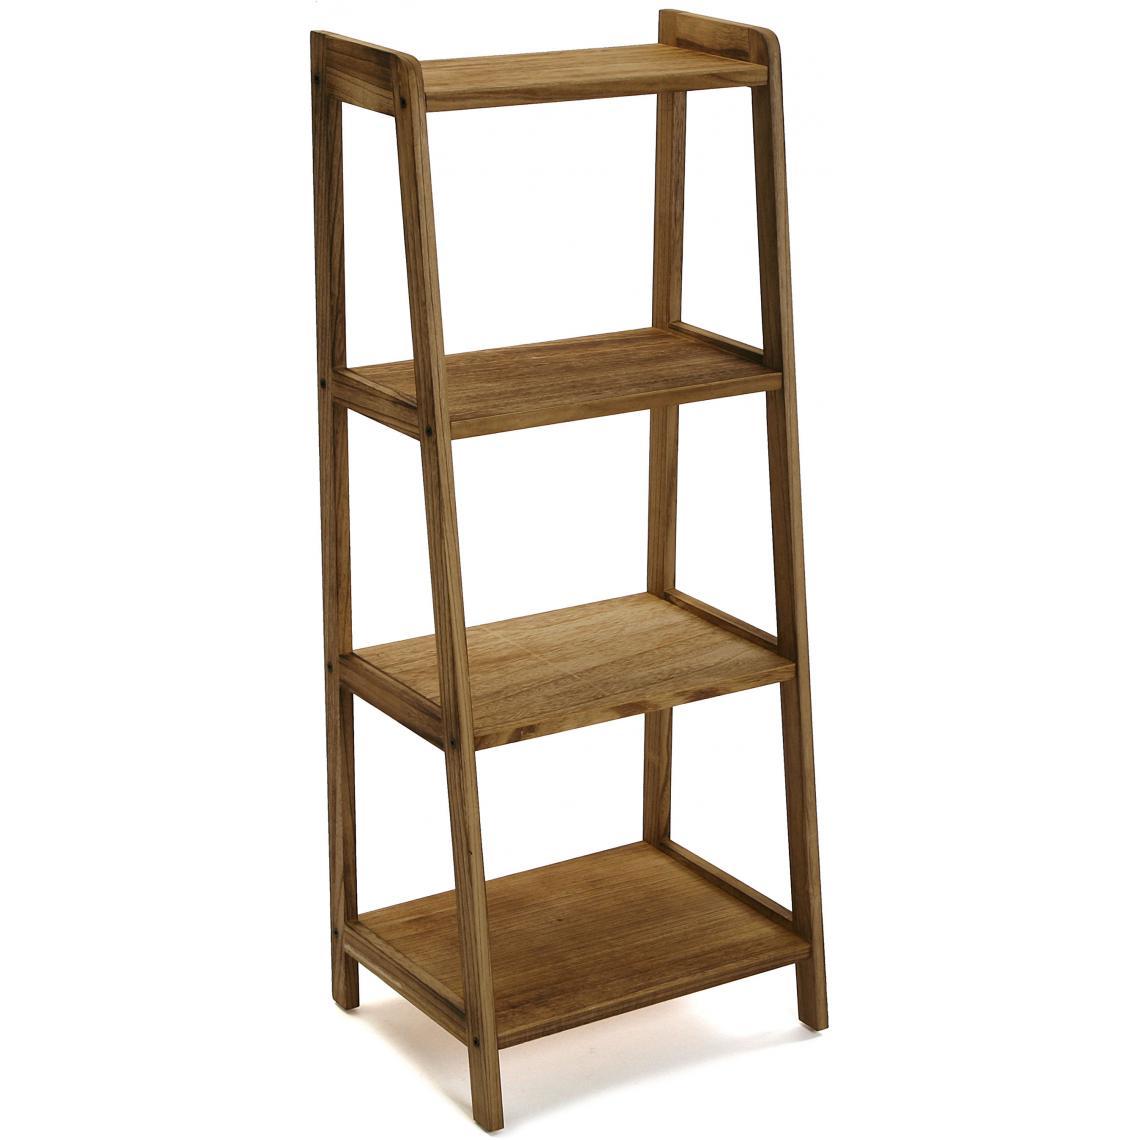 meuble de rangement 4 etageres bois marron bruno